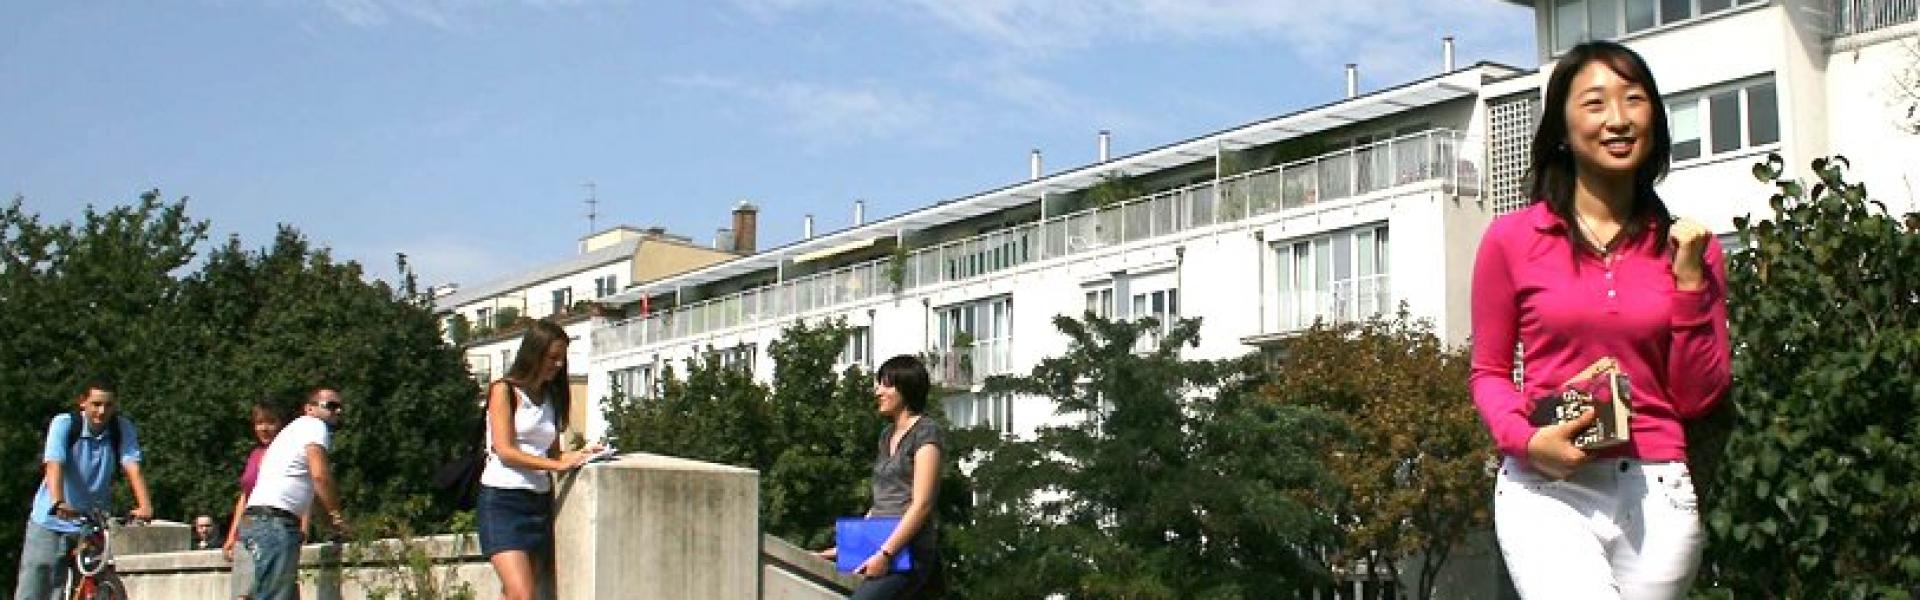 Webster University cover